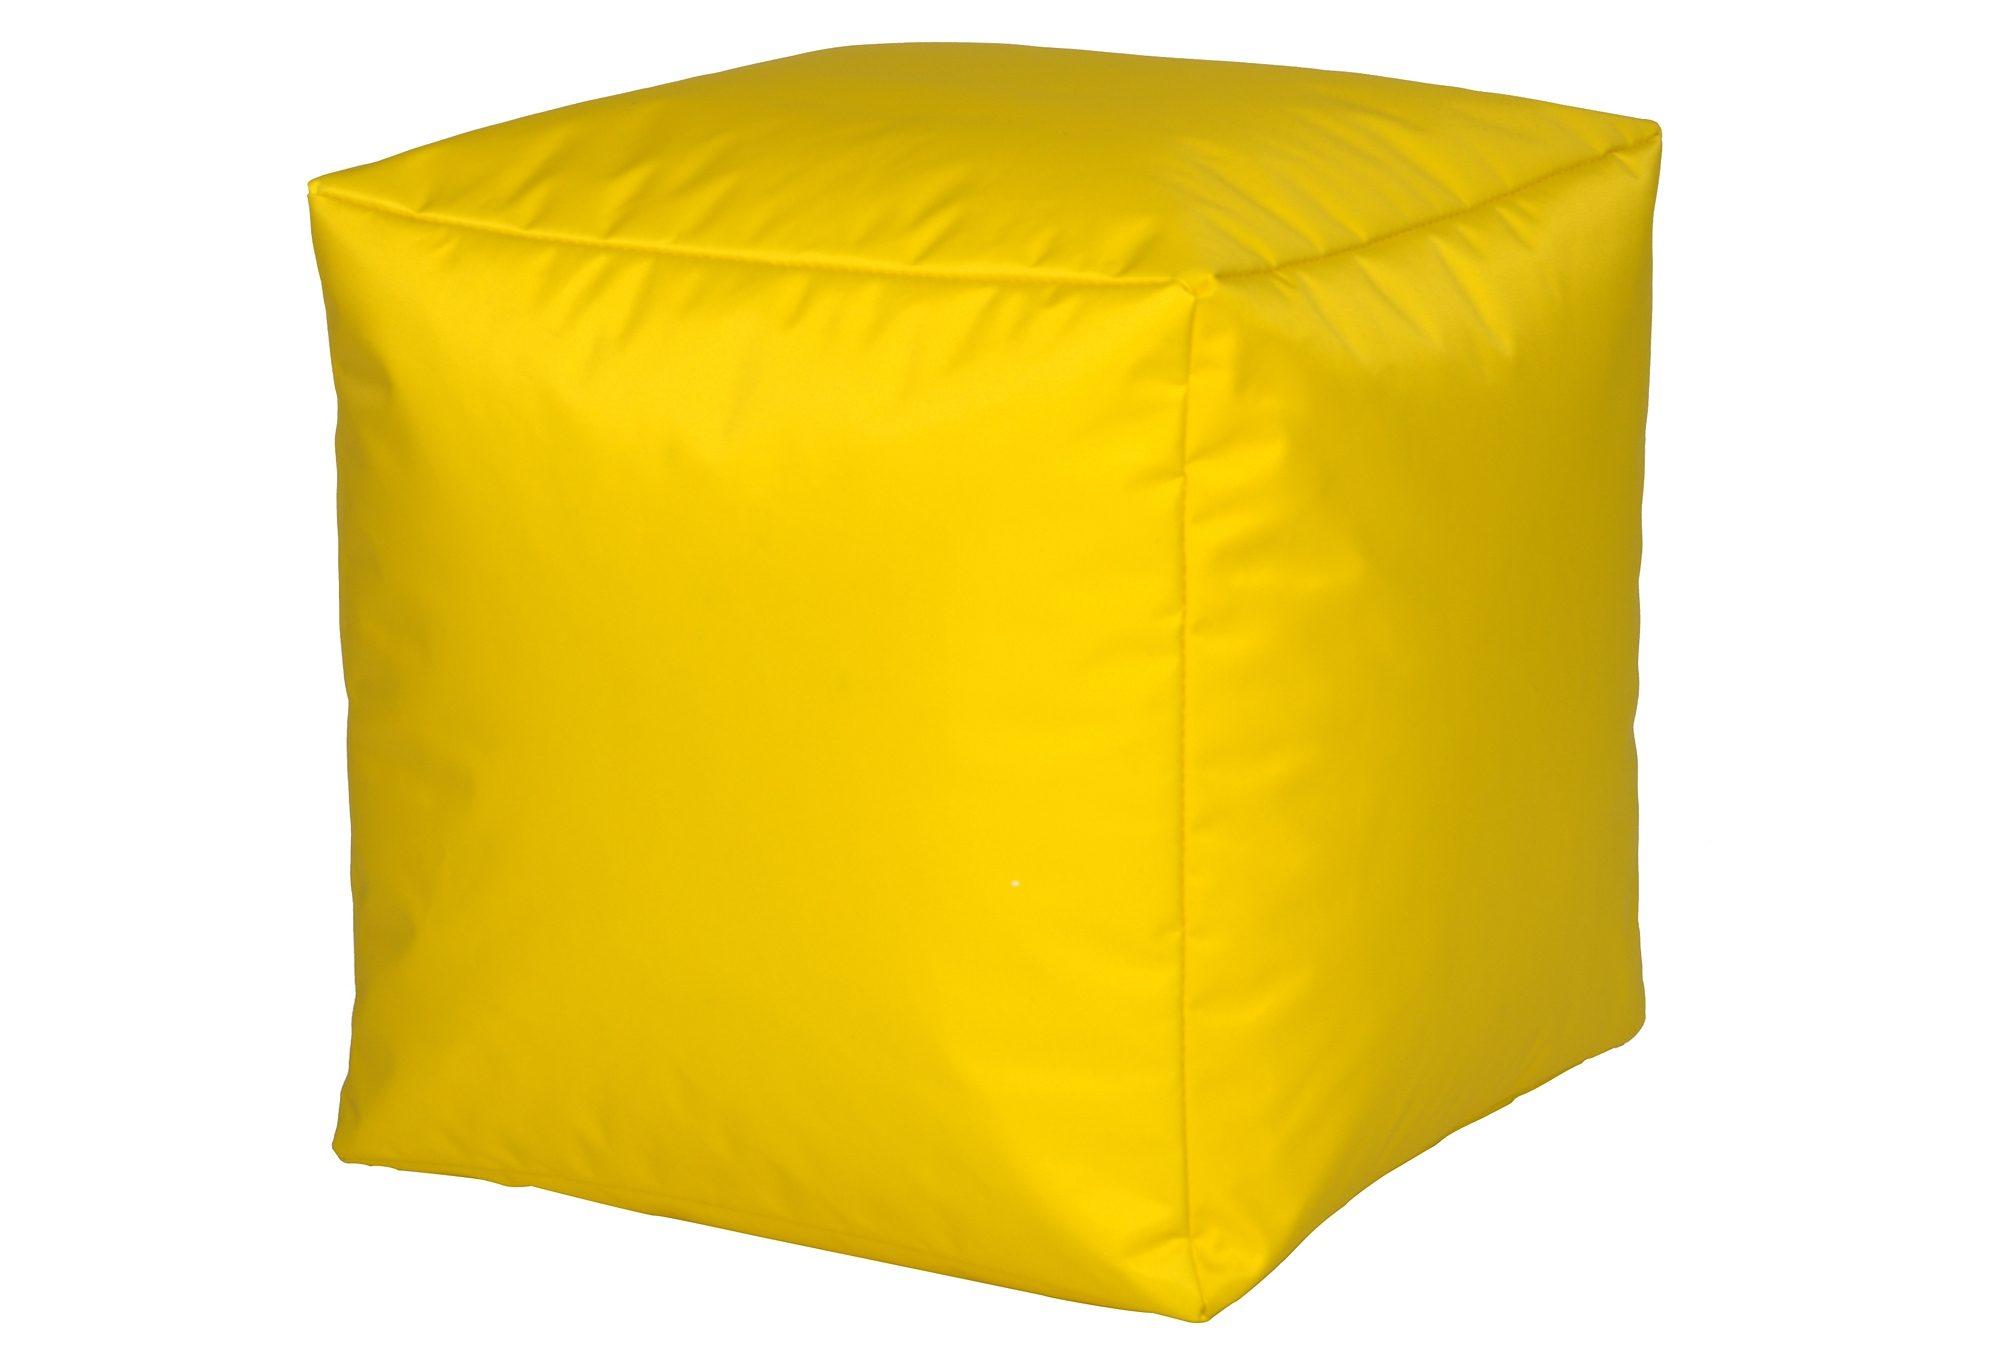 Sitzwürfel, Home affaire | Wohnzimmer > Hocker & Poufs > Sitzwürfel | Gelb | Stoff - Nylon | home affaire